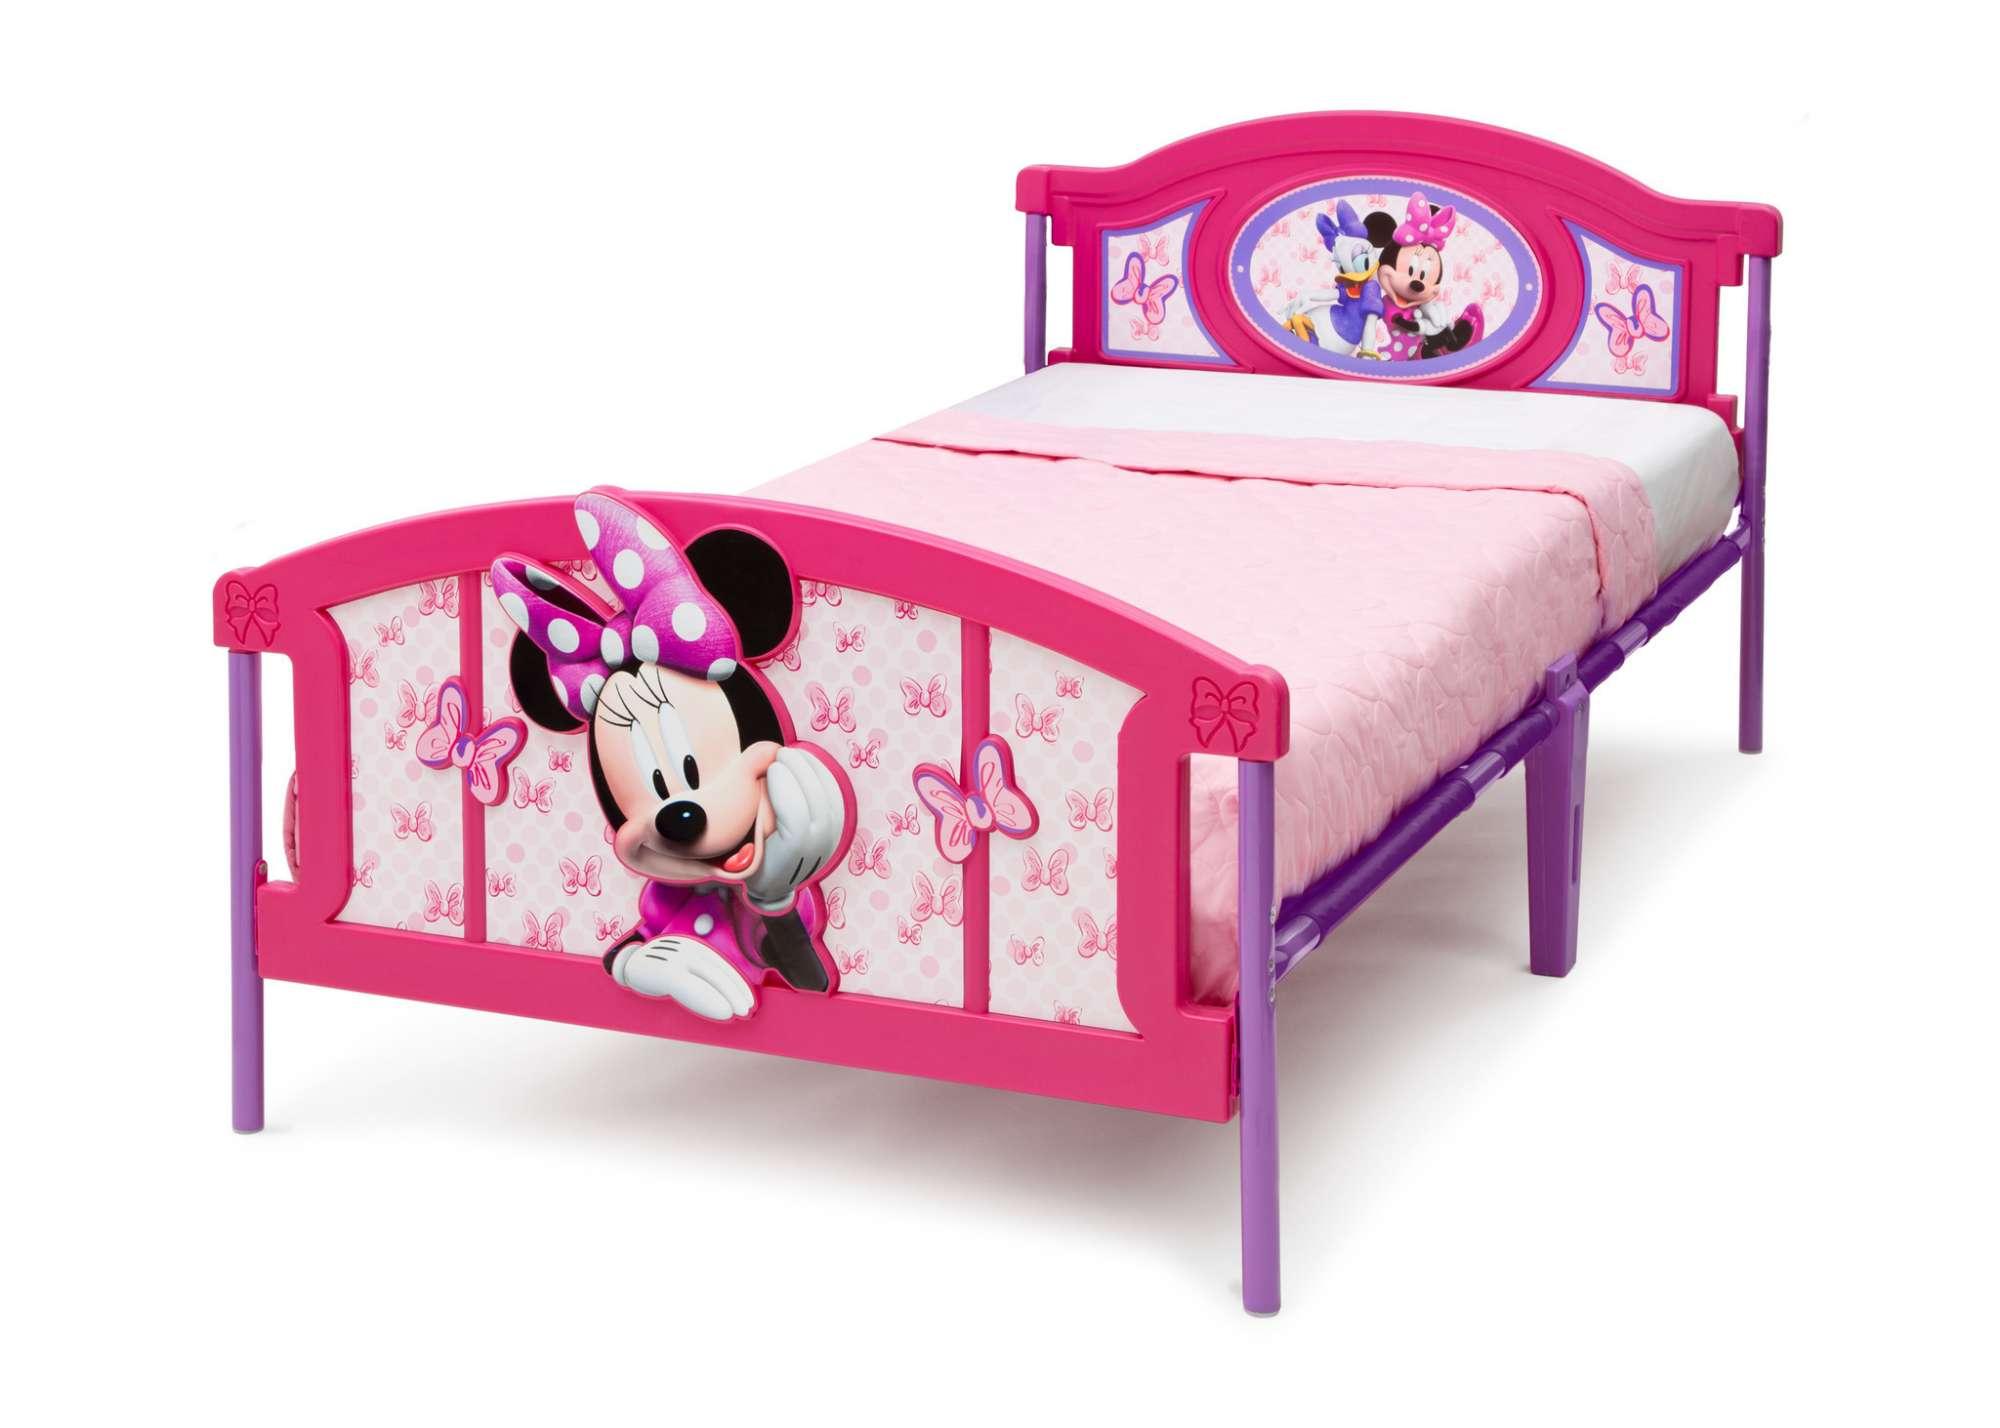 Dětská postel 3D Minnie Mouse